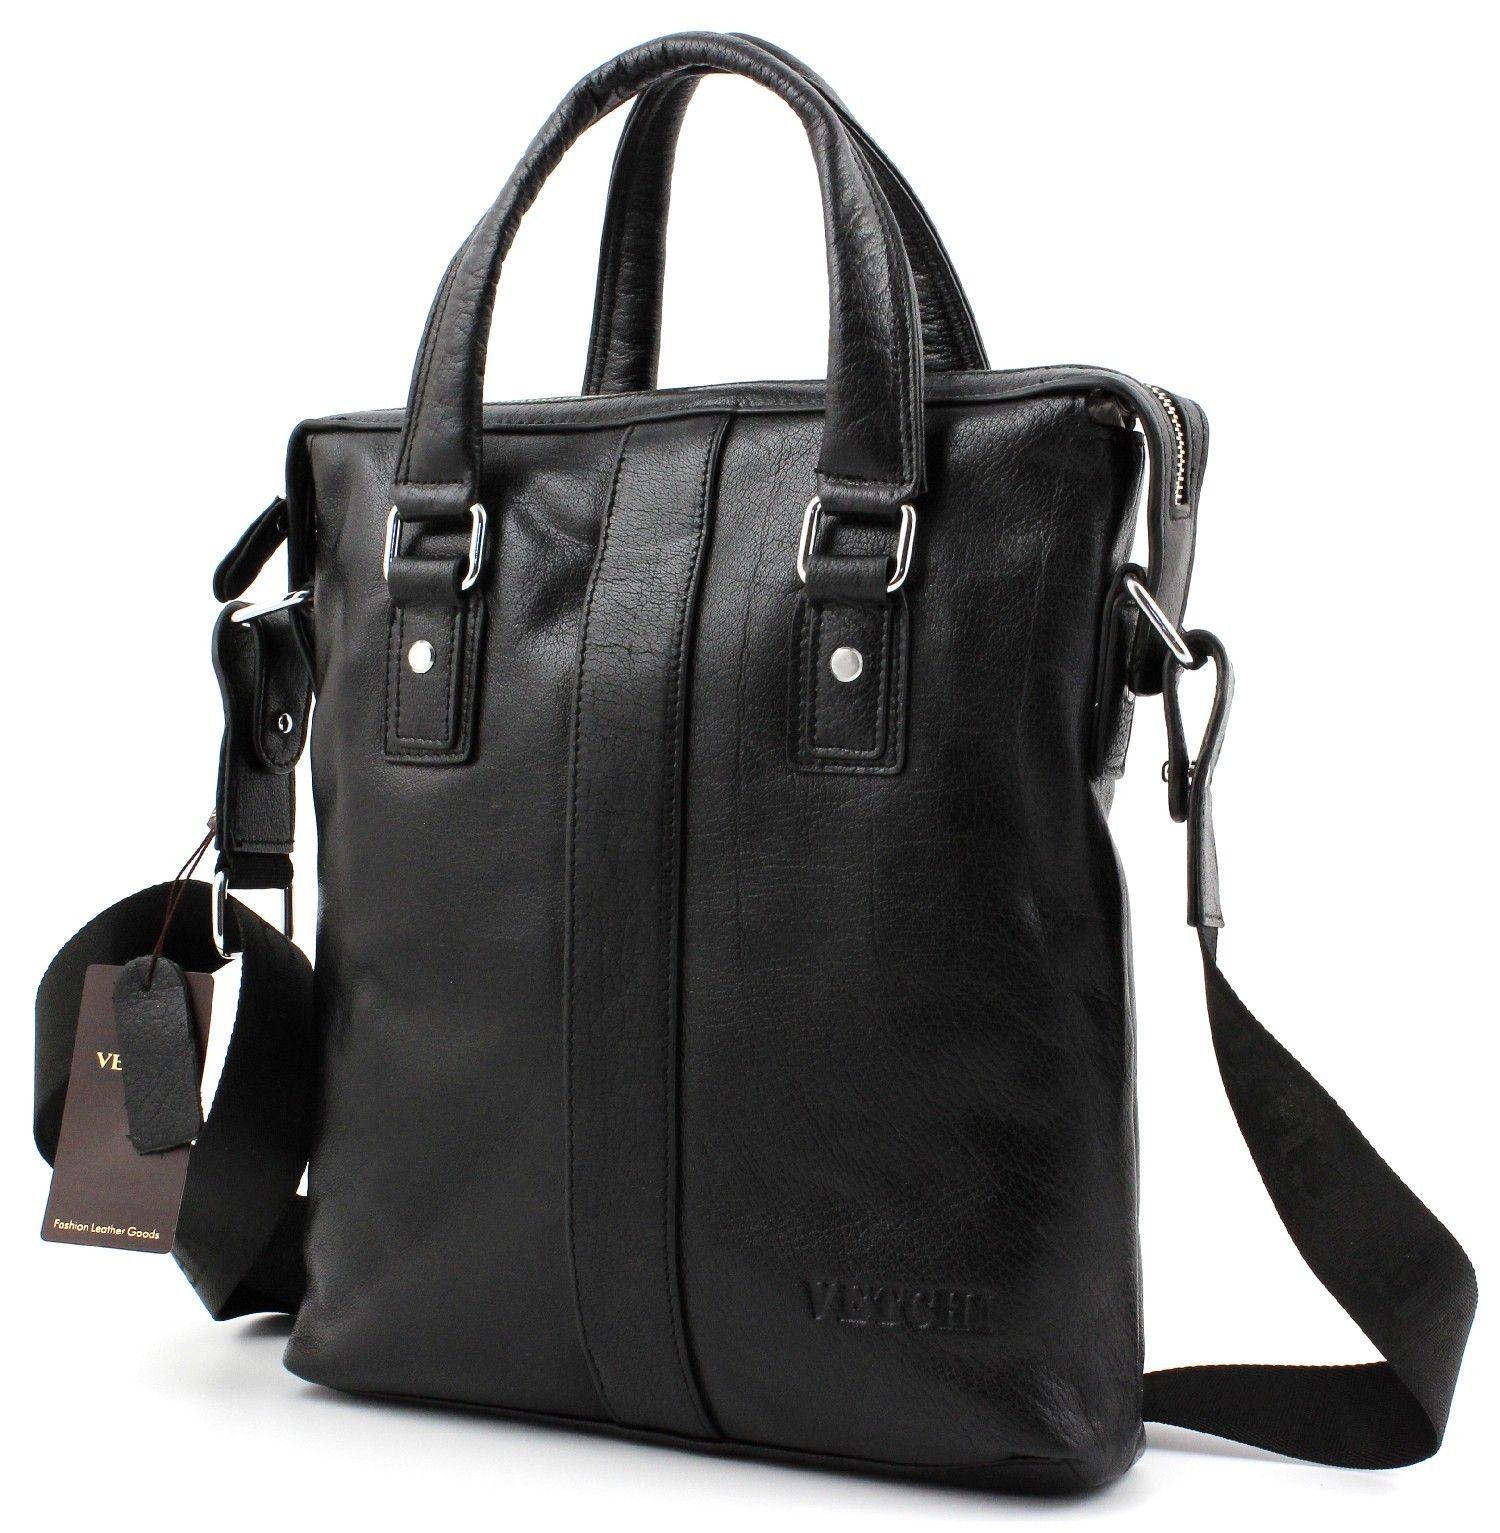 bcde5610352b Деловая вертикальная кожаная мужская сумка под личные вещи и документы формата  А4 от VETCHI (10135